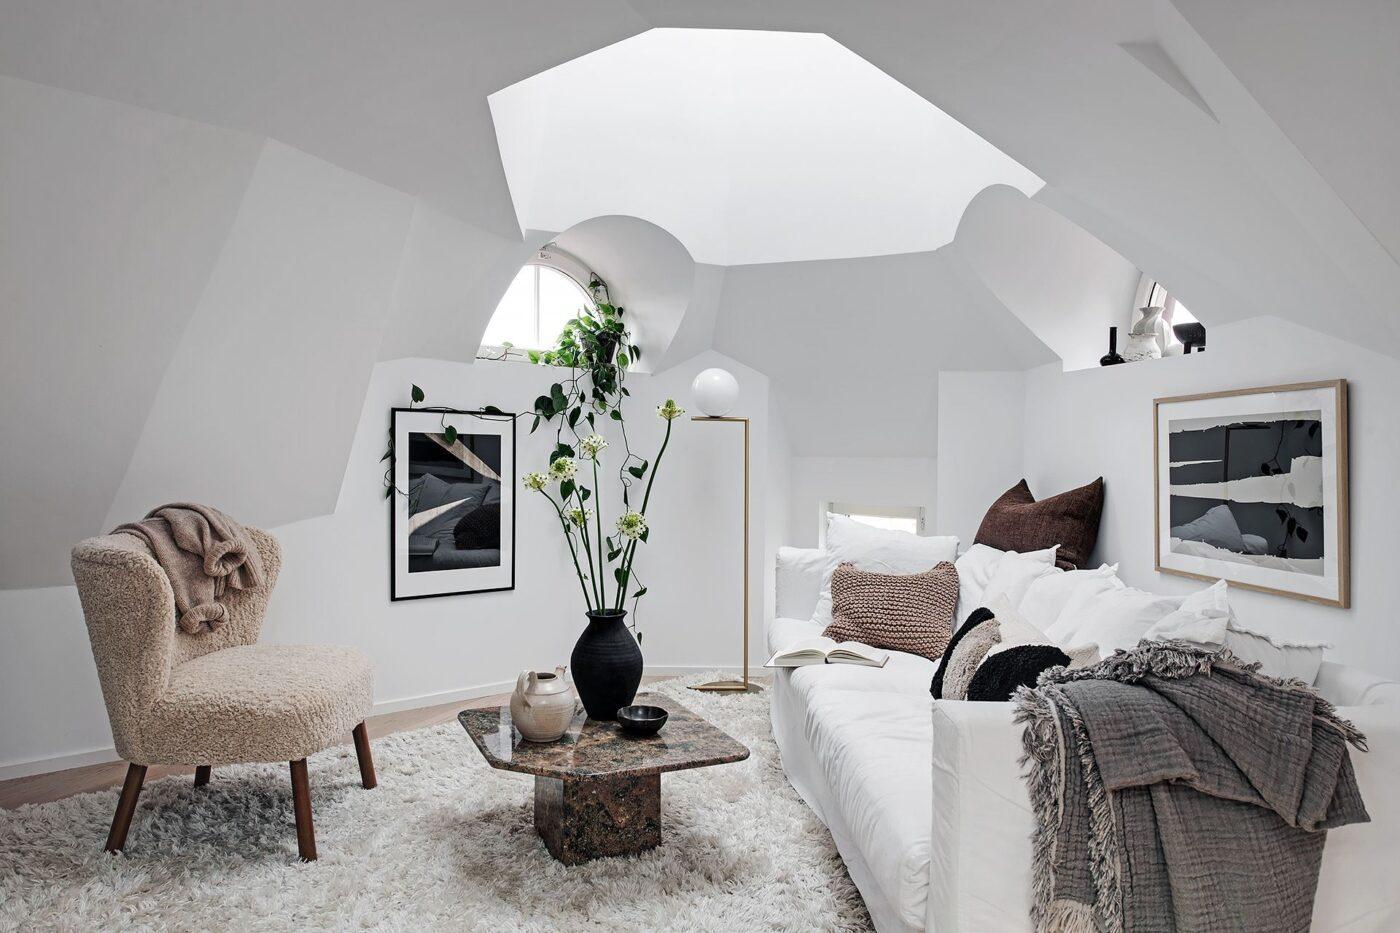 5_pequenos_arreglos_mejorar_aspecto_casa_decoración_interiores_soluciones_decorativas-01